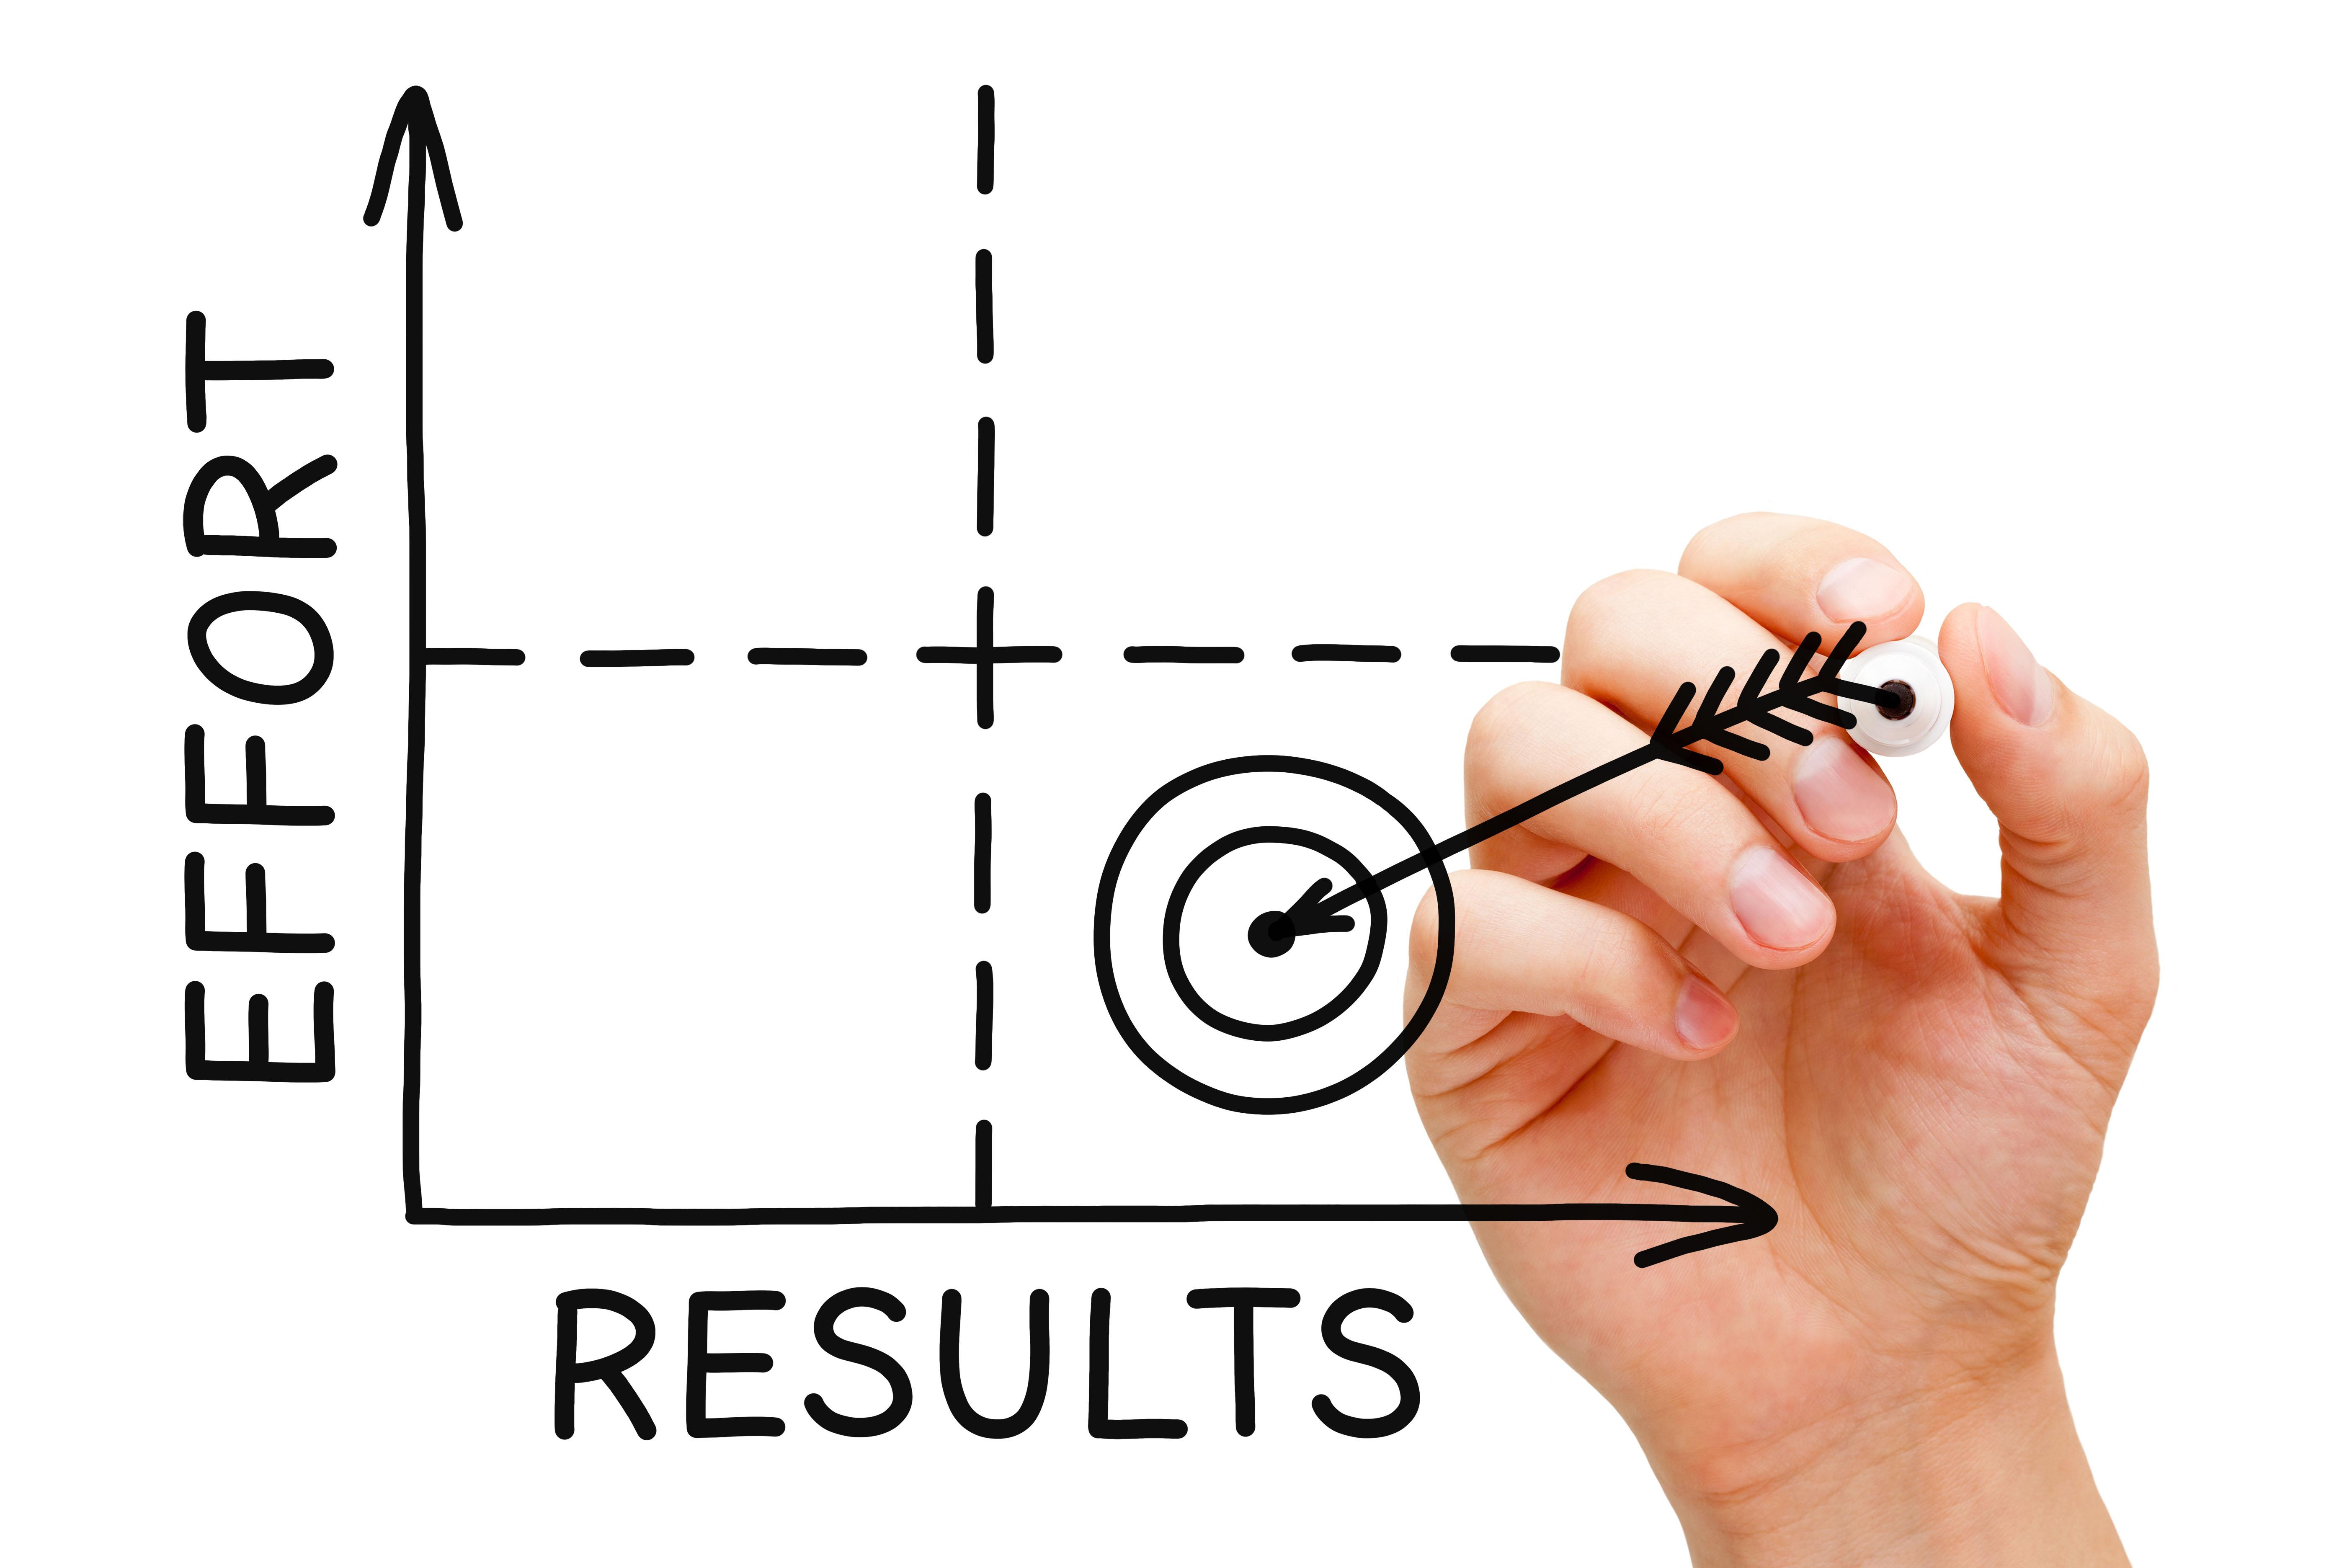 Мастер-класс «Навыки личной эффективности»